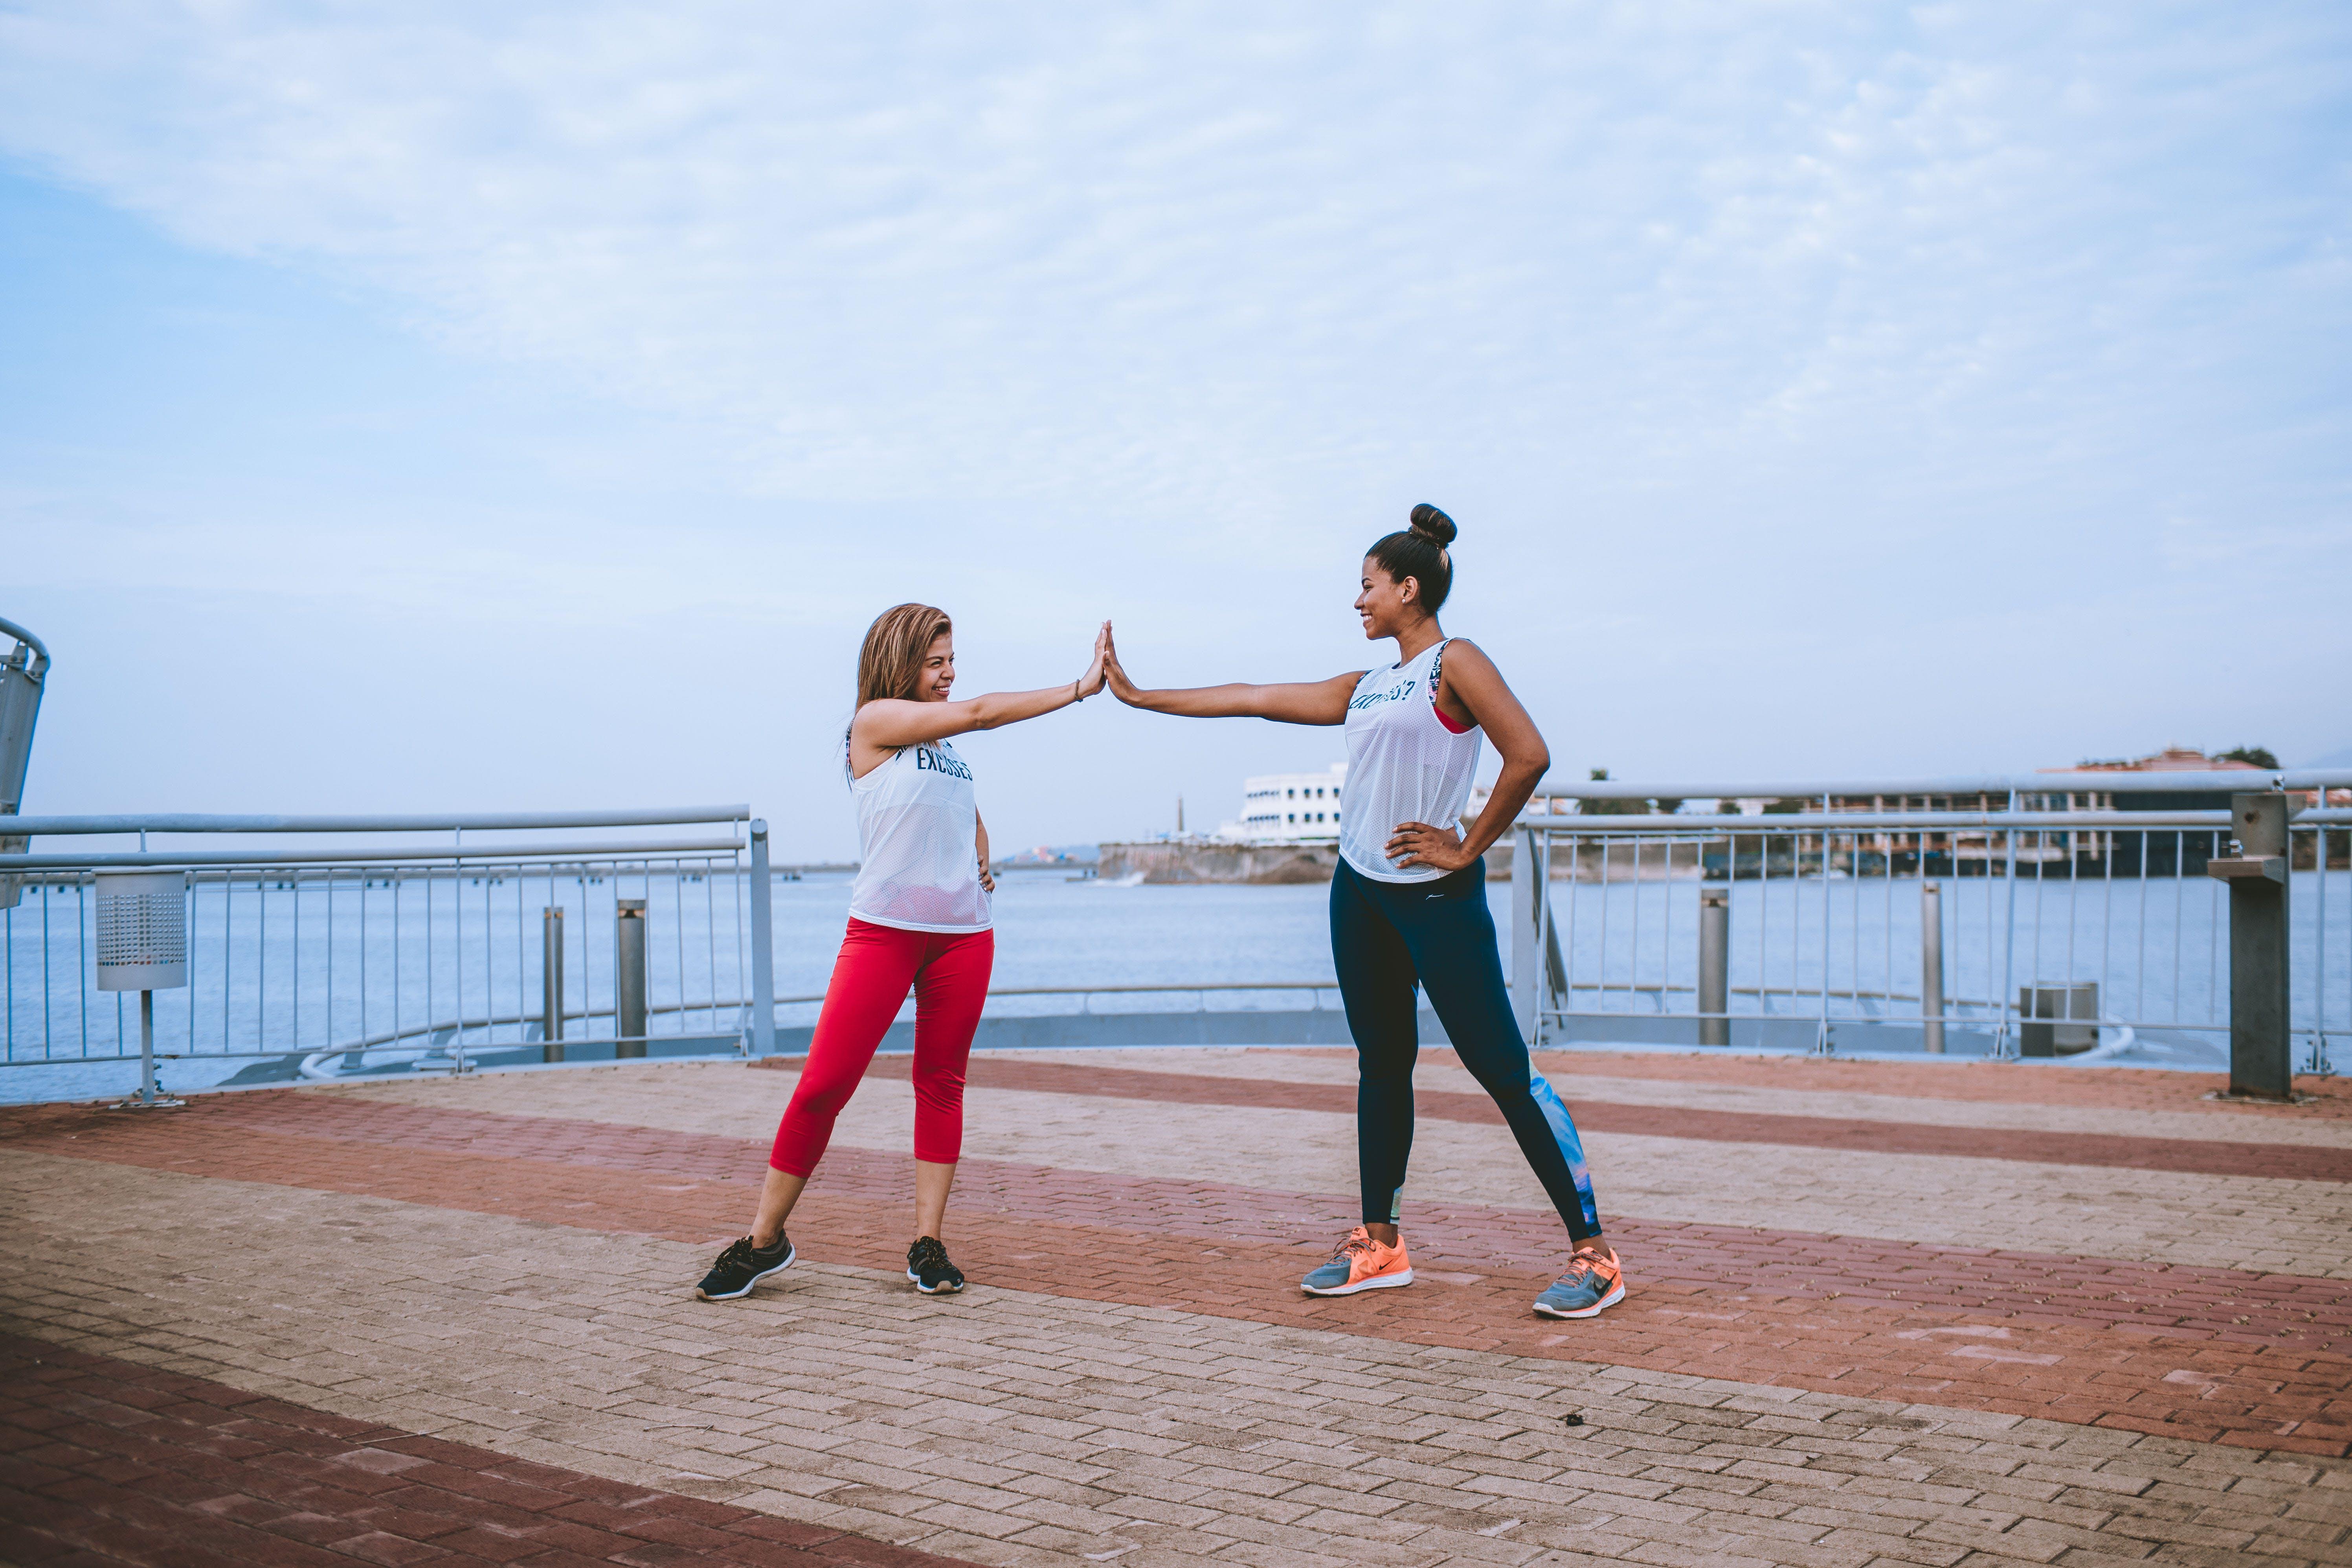 Two Women Wearing Sports Attire